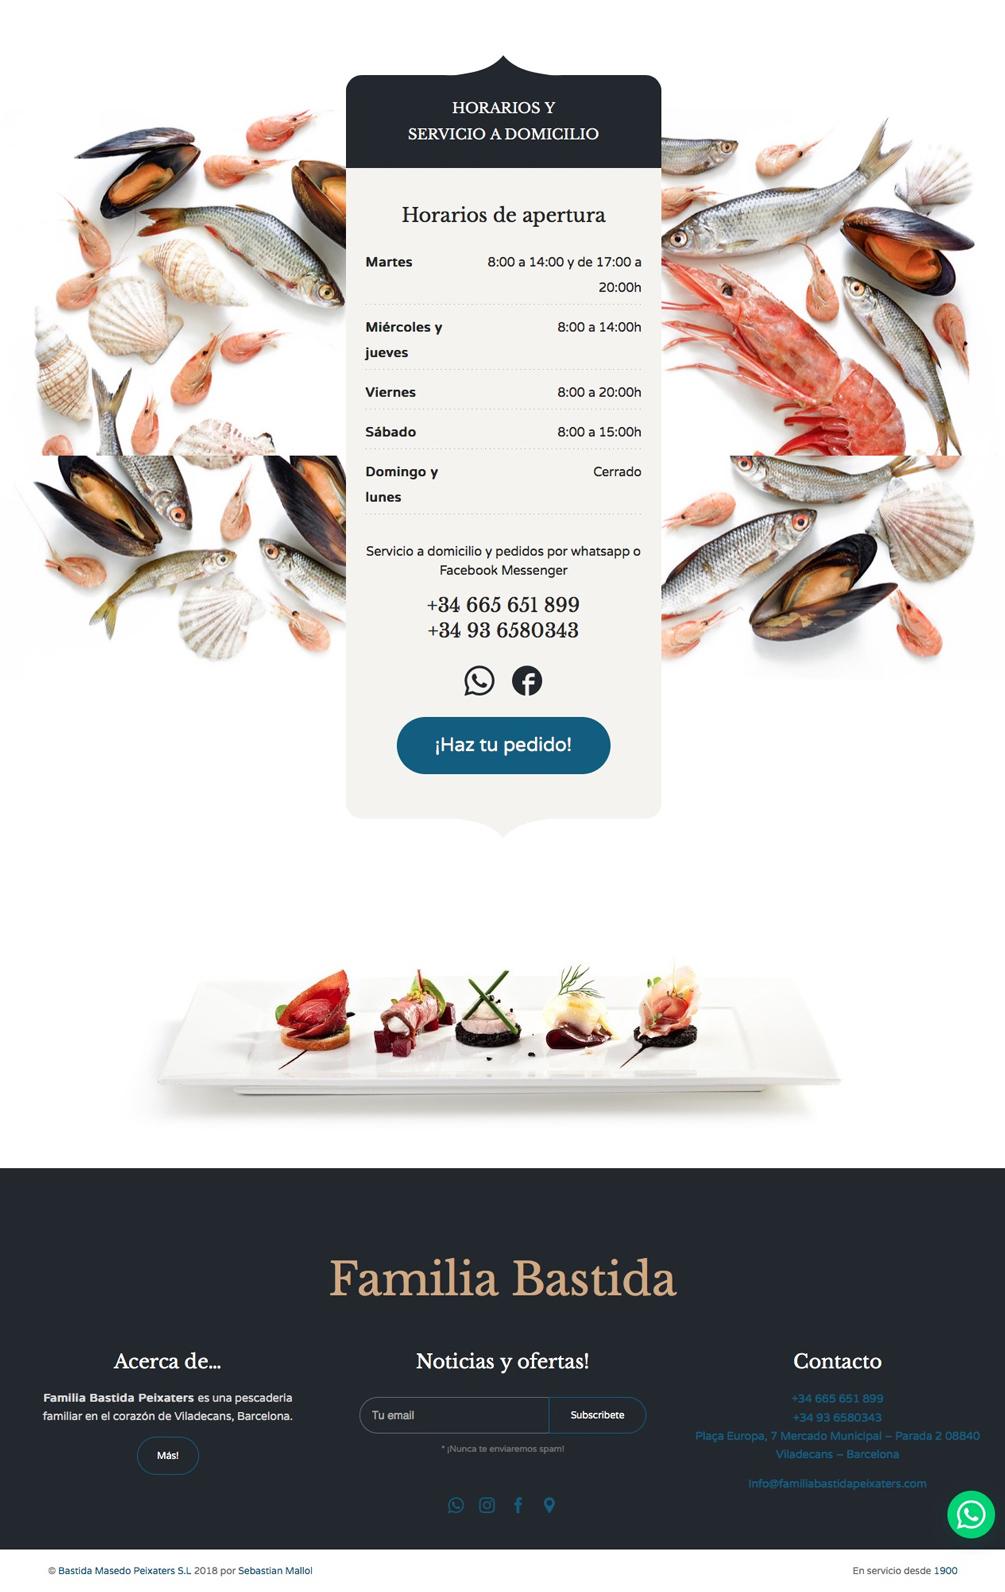 Familia Bastida Screen info